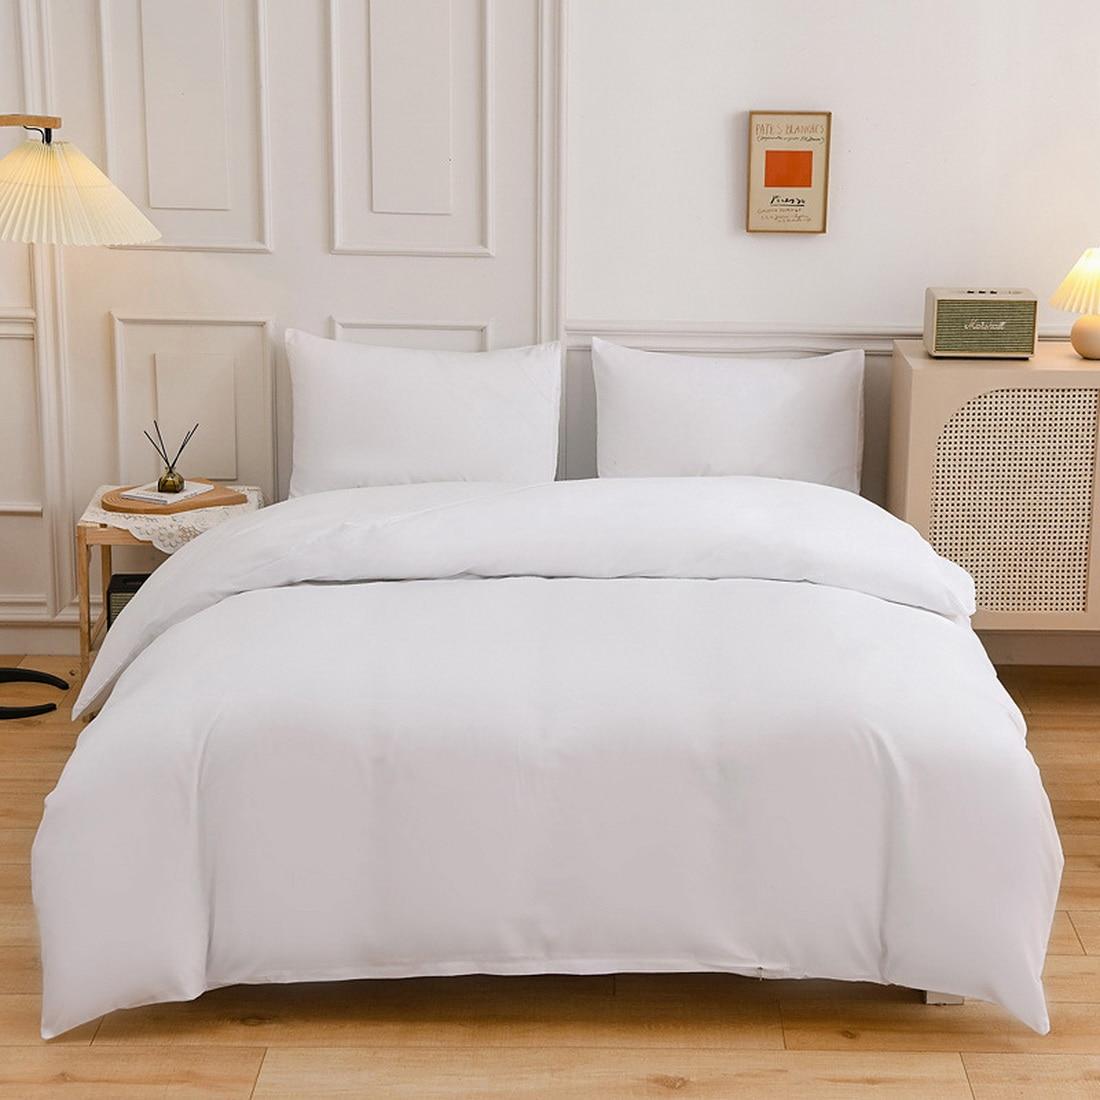 تصميم جديد الظلام الأخضر طقم سرير غطاء لحاف المنزل غطاء سرير المخدة الملك الملكة كامل حجم واحد 3 قطعة 4 قطعة